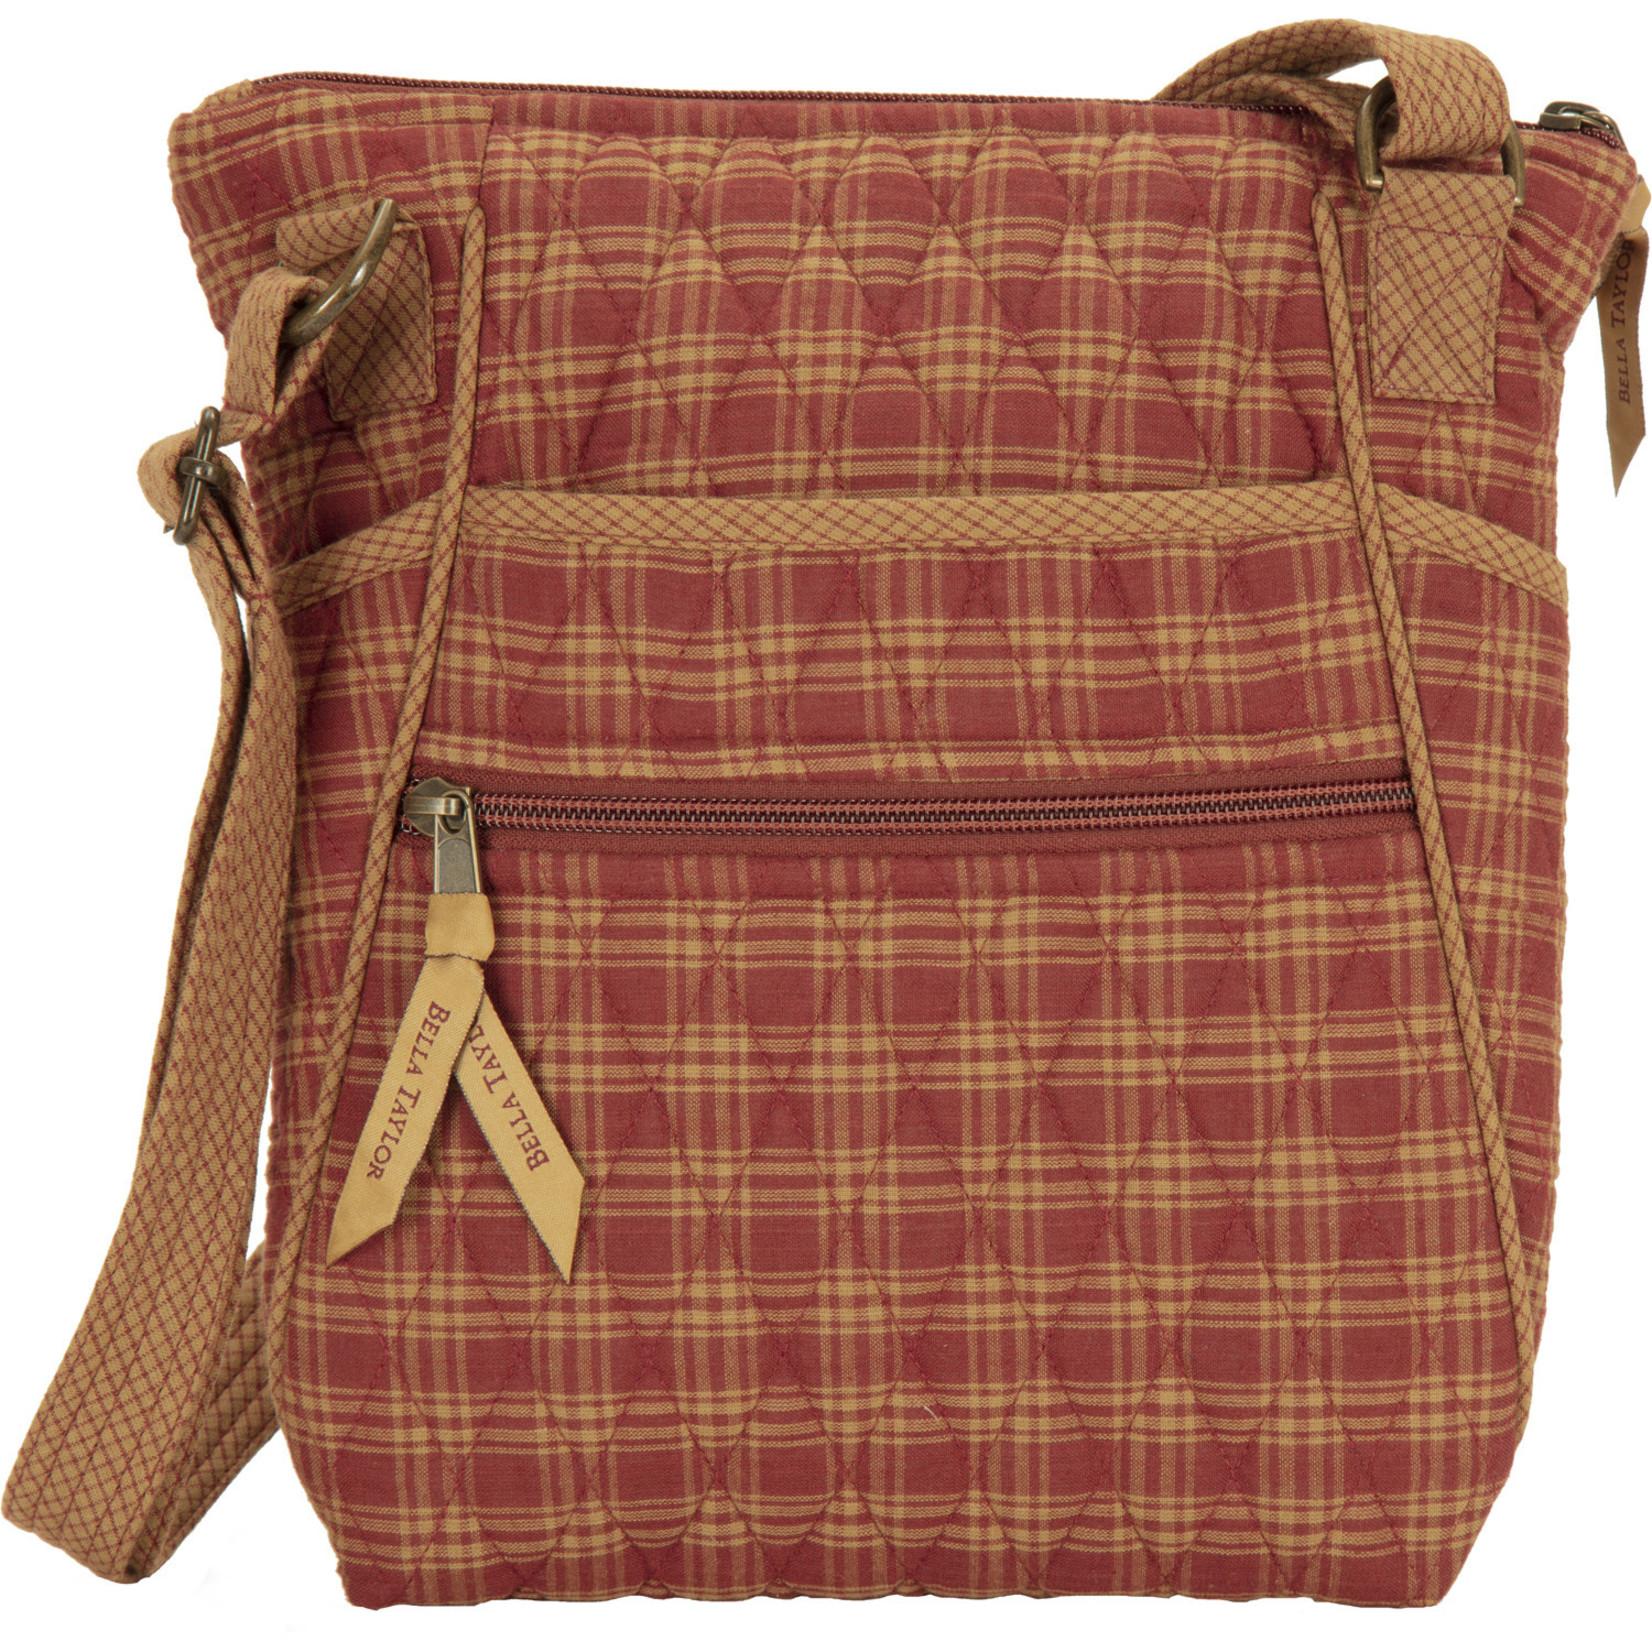 Bella Taylor Ninepatch Star - Hipster handbag